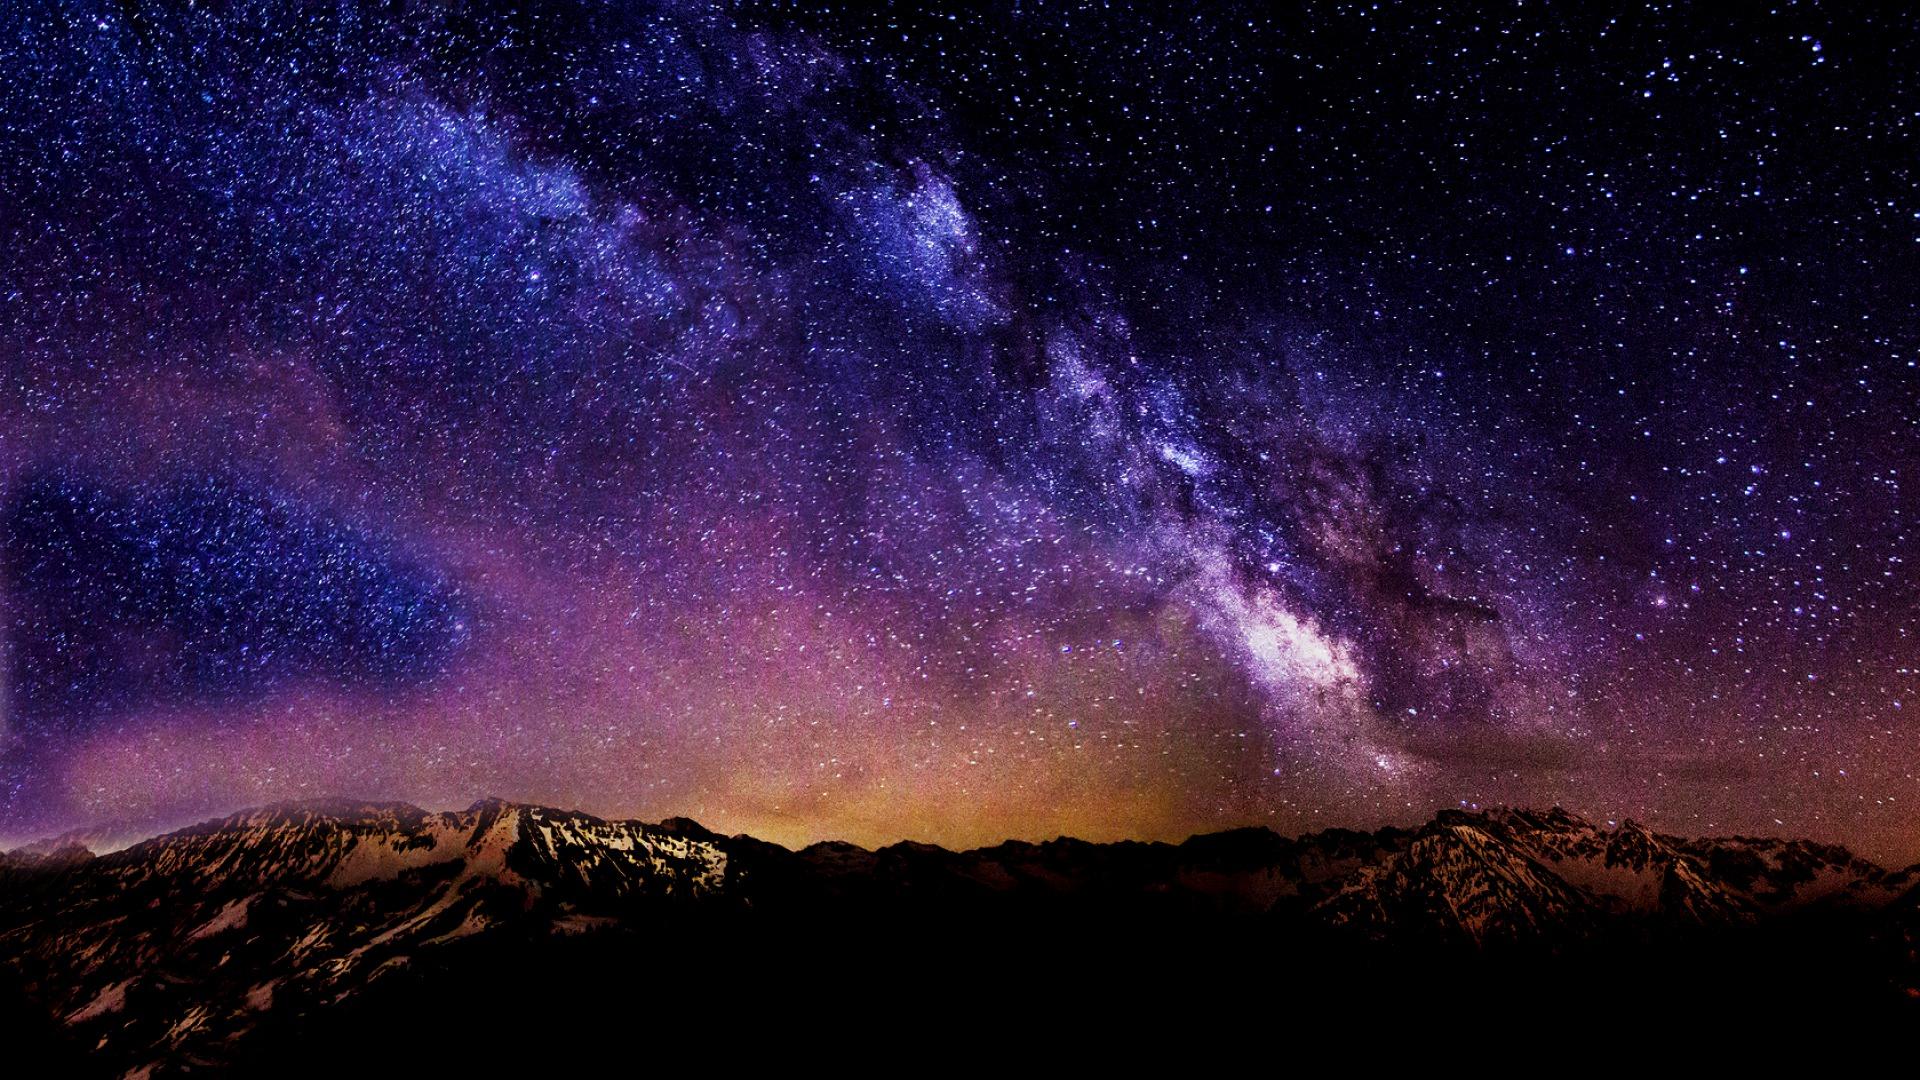 Картинка звездное небо в хорошем качестве, прикольная морковка